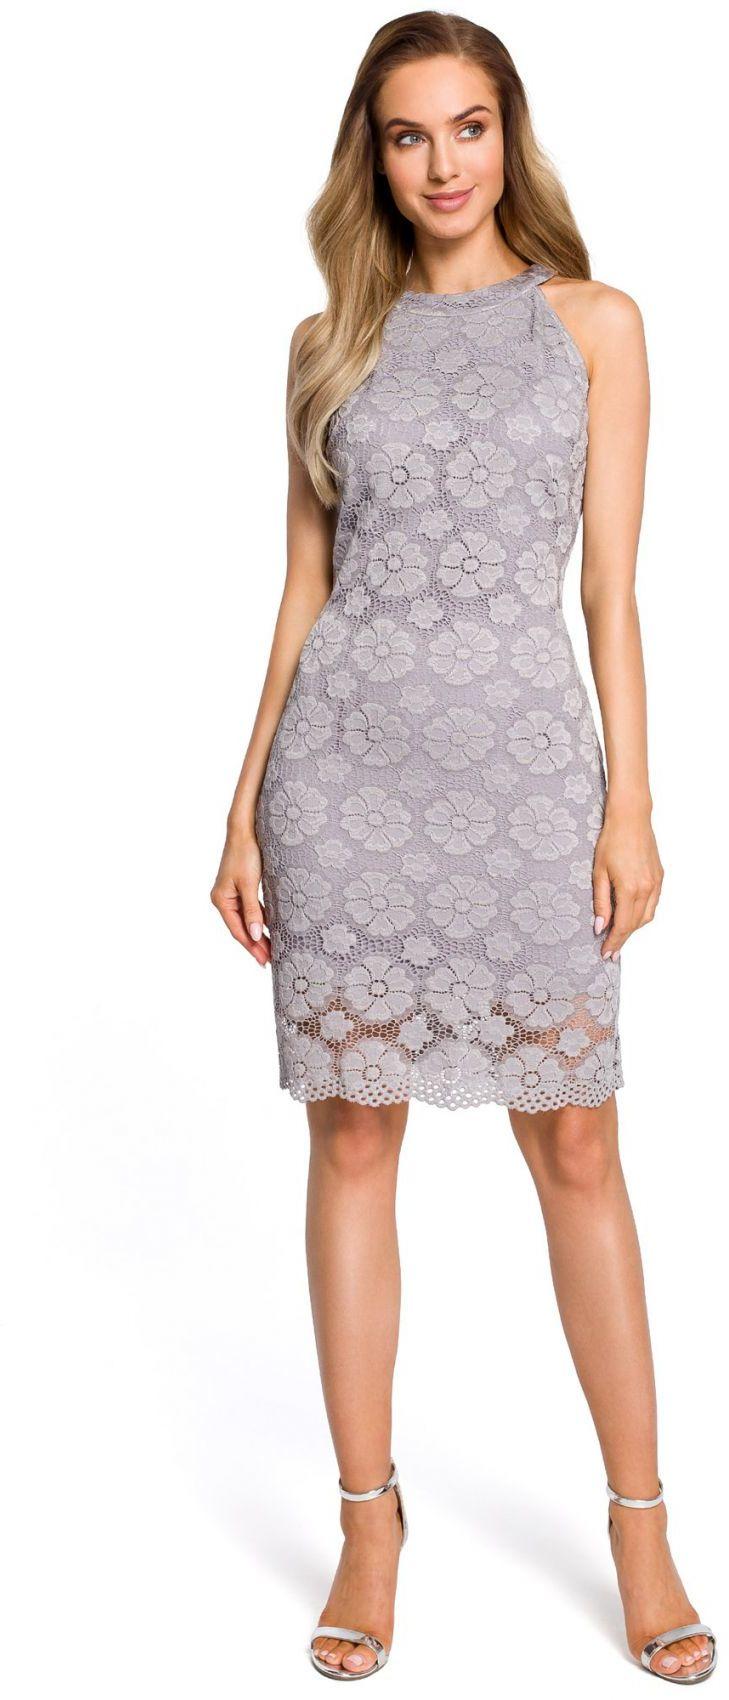 M431 Koronkowa sukienka - szara